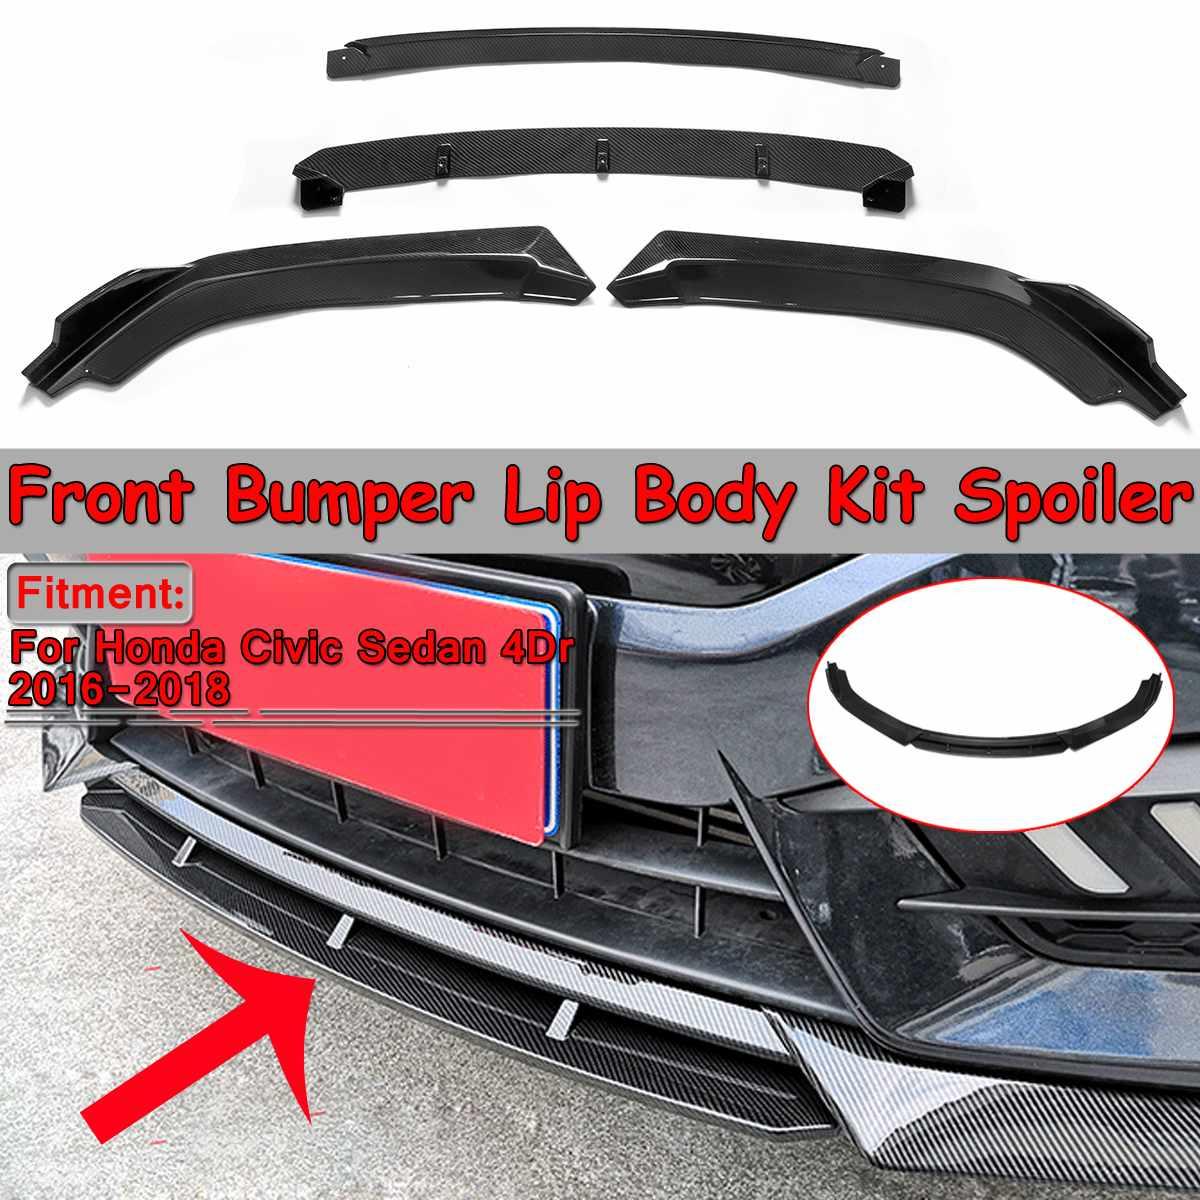 新 4 個の車のフロントバンパーリップスプリッタディフューザーリップボディキットスポイラーバンパープロテクターシビックセダン 4Dr 2016-2018